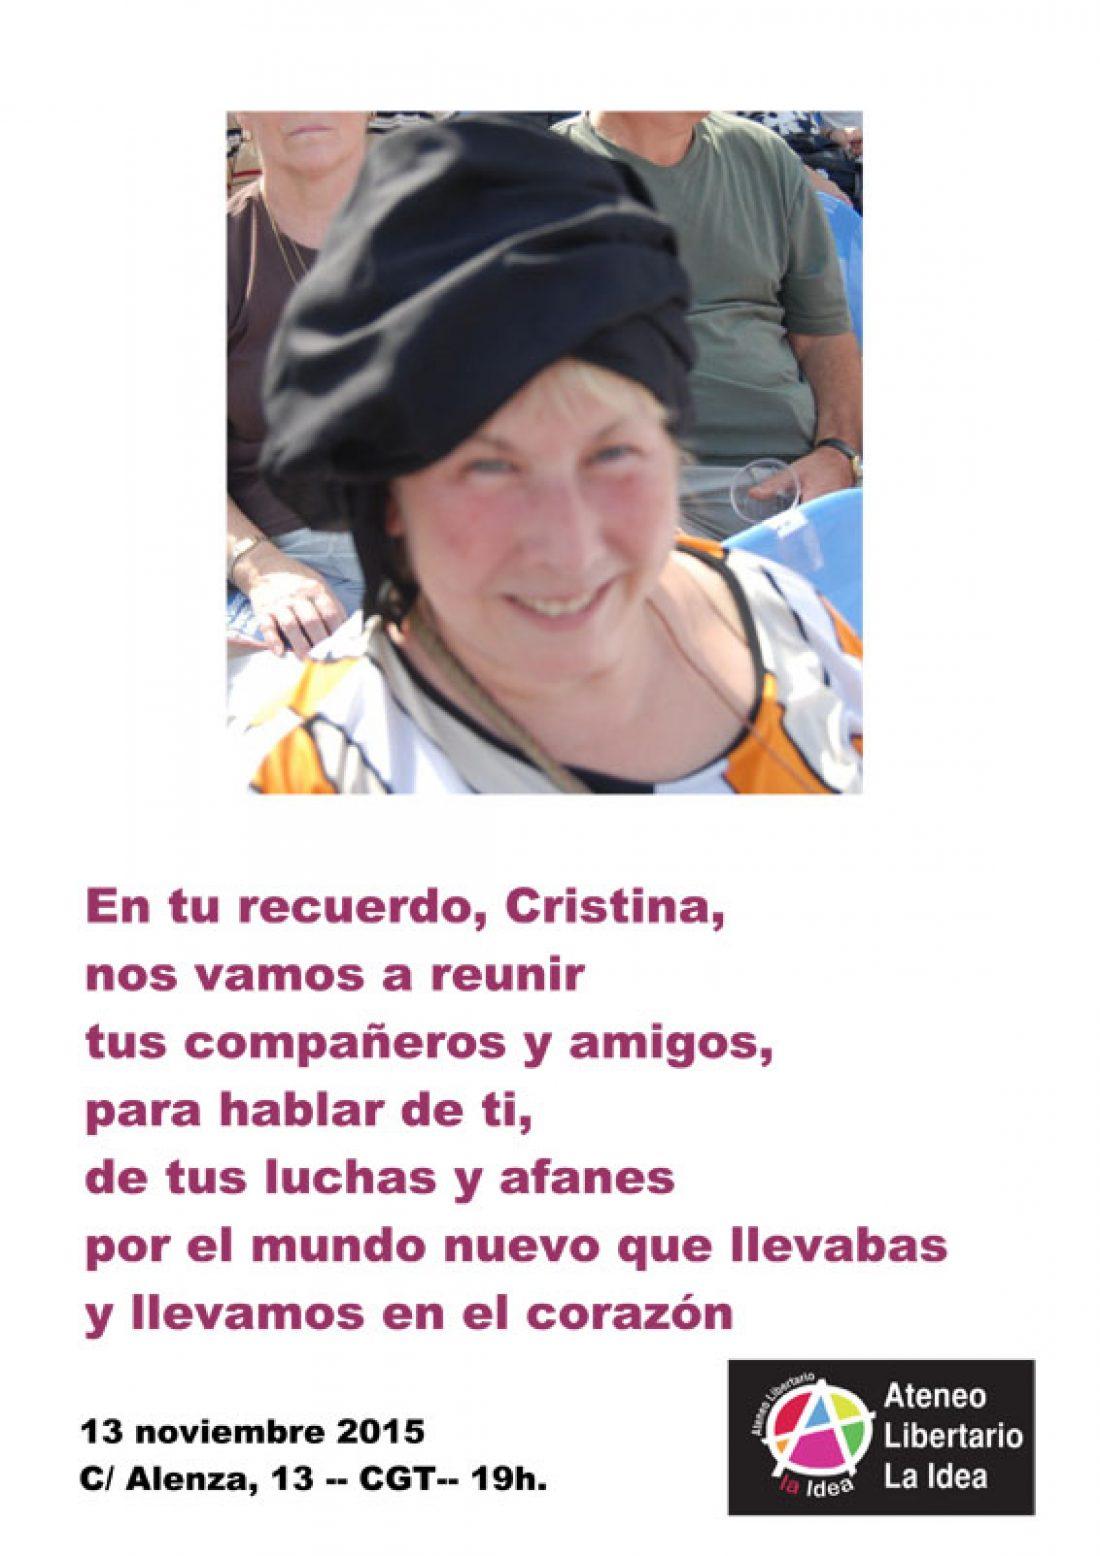 Acto en recuerdo de Cristina Plaza en el Ateneo Libertario «La Idea»